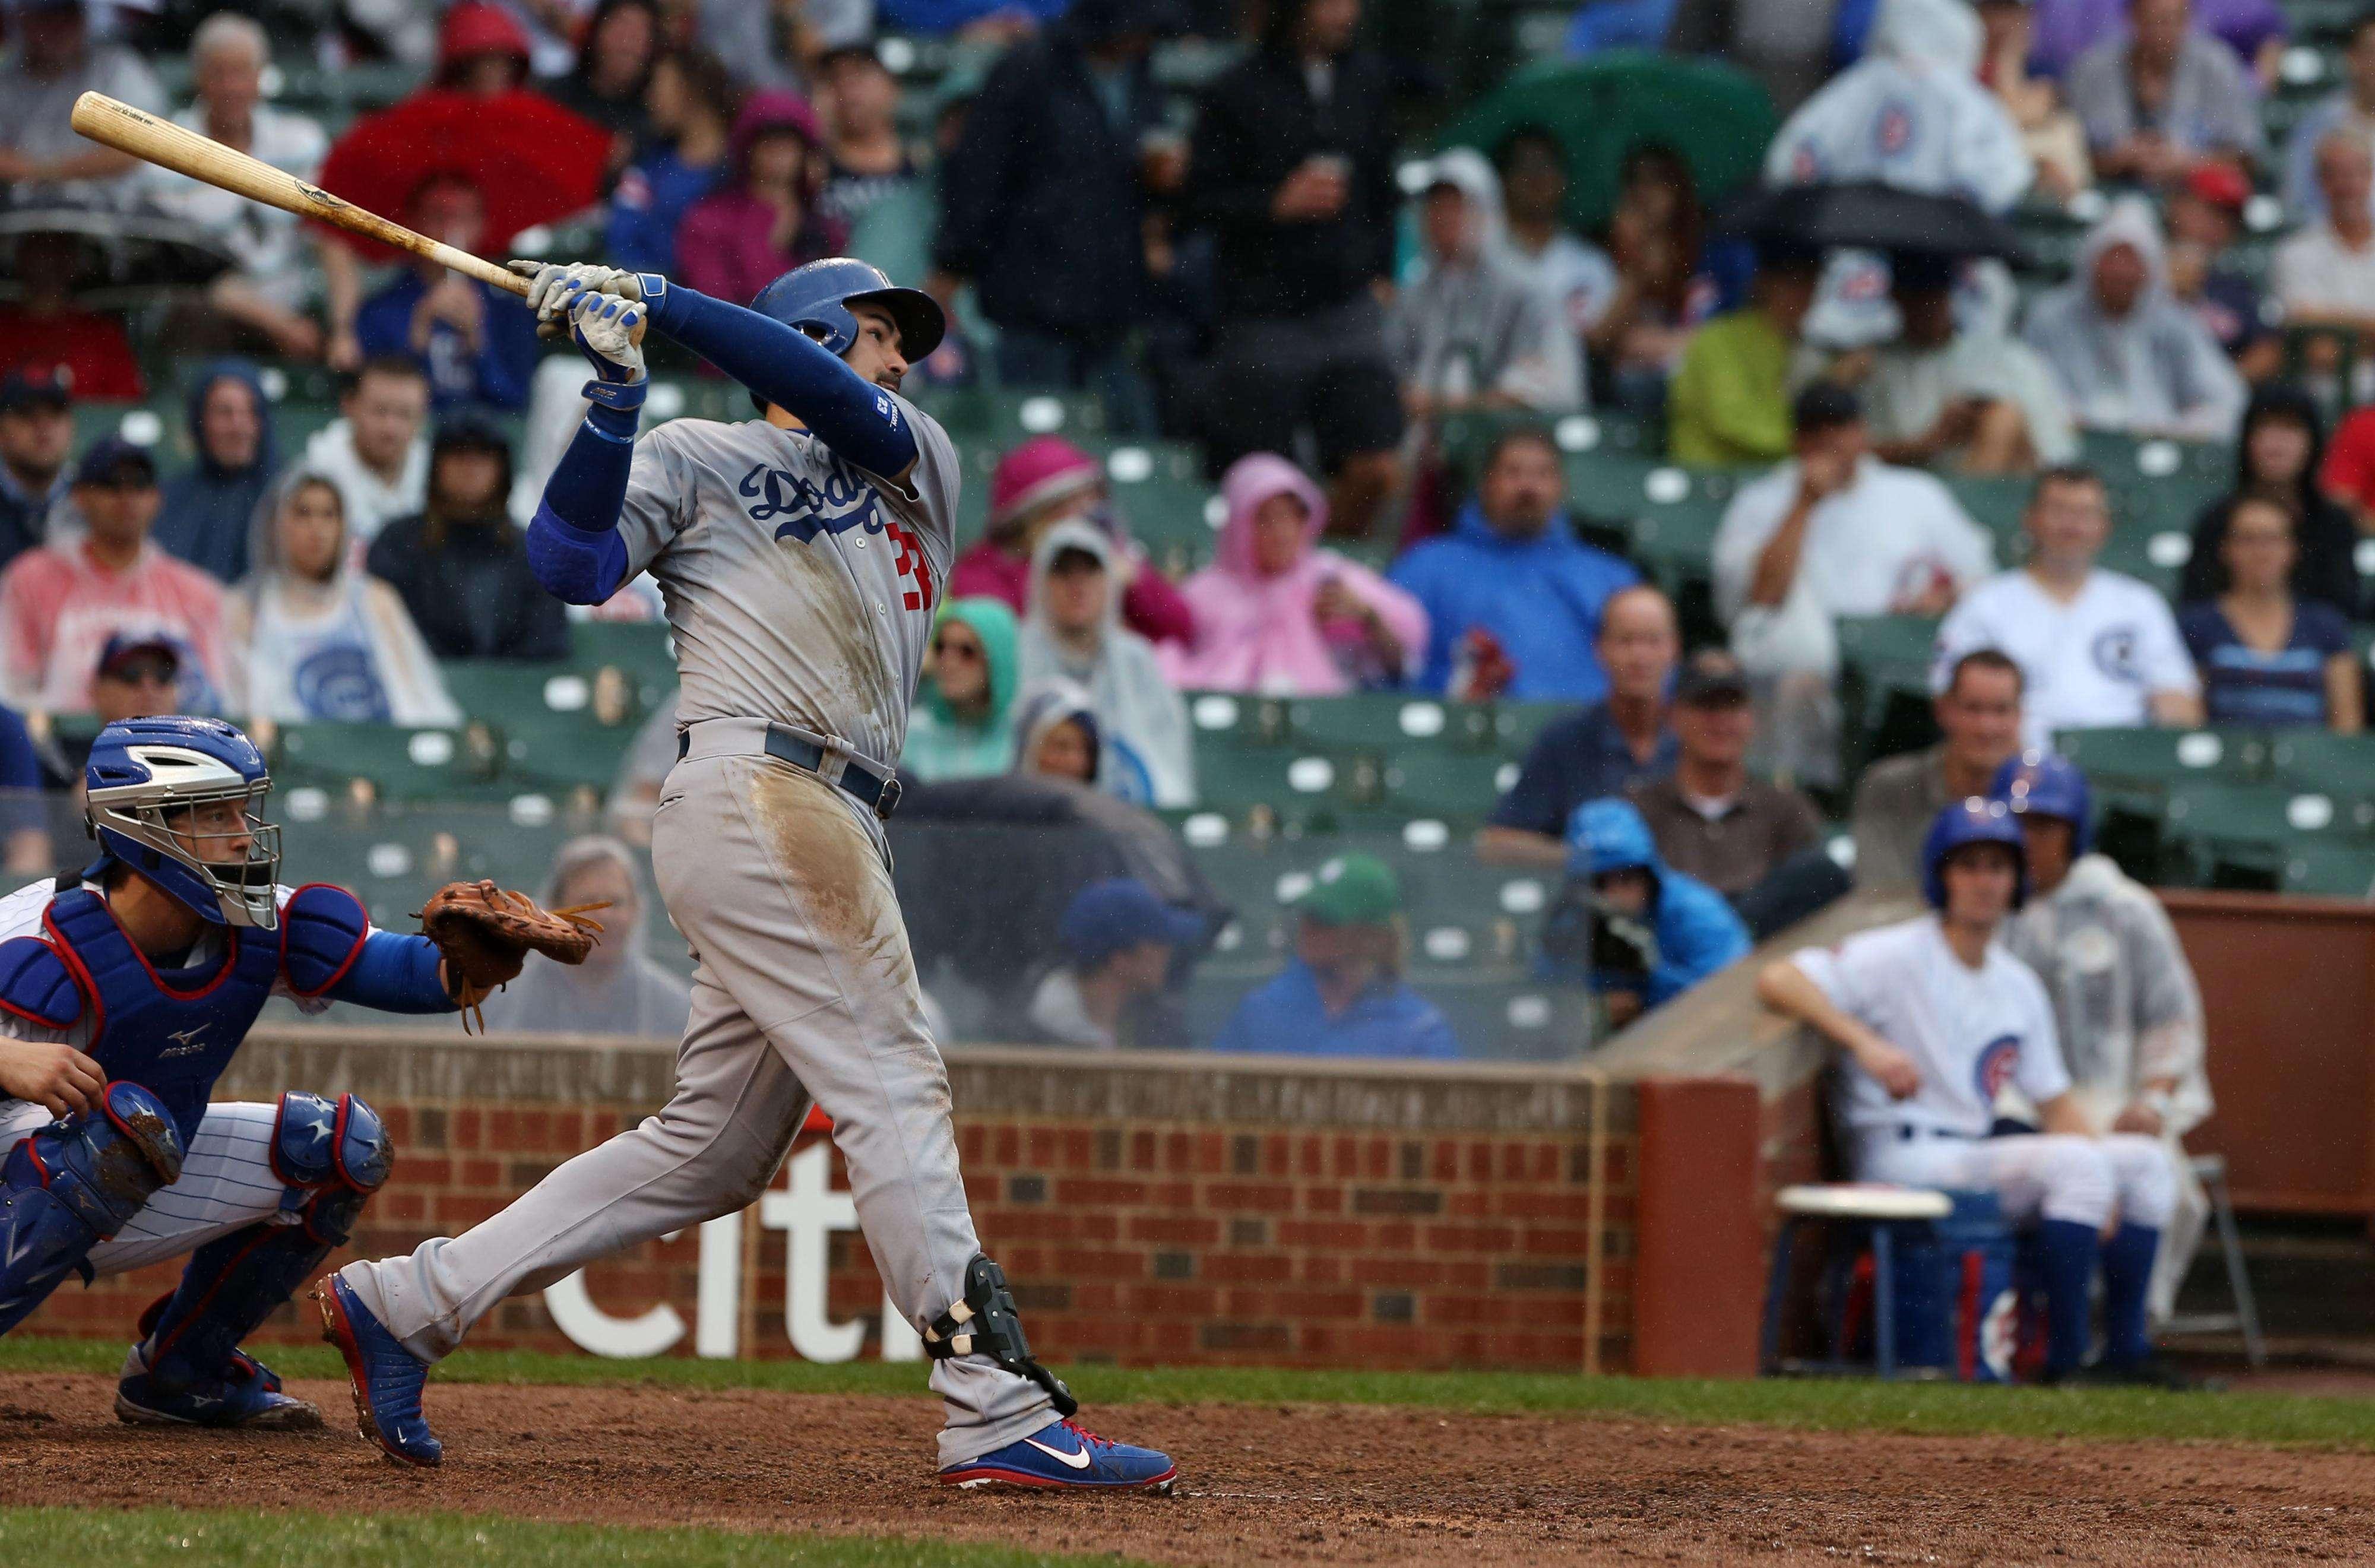 Adrián González con gran actuación personal, pero los Dodgers perdieron ante Chicago. Foto: Getty Images